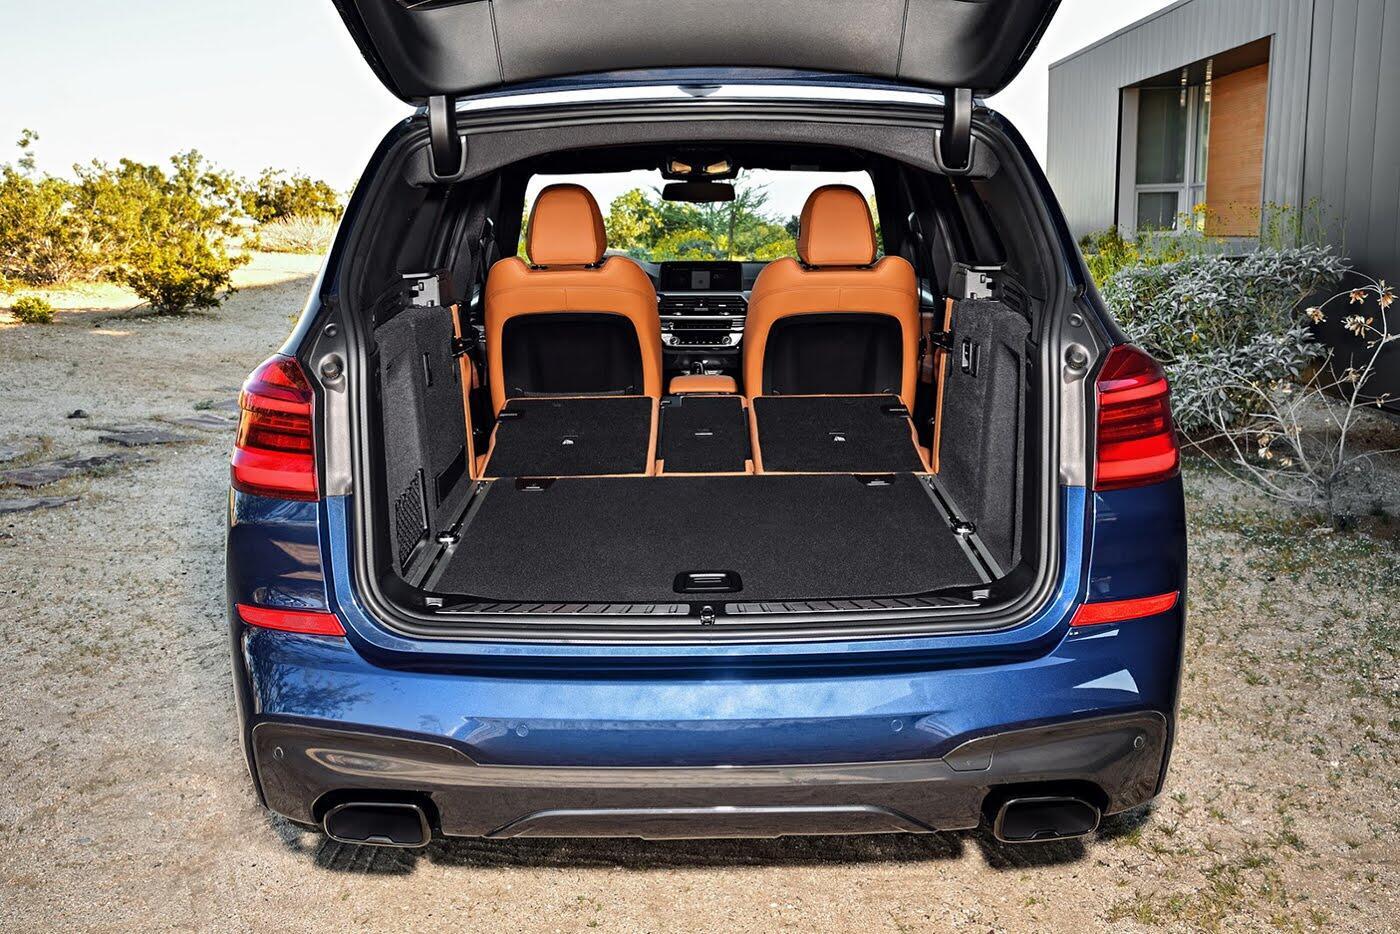 Ảnh chi tiết BMW X3 2018 hoàn toàn mới - Hình 21